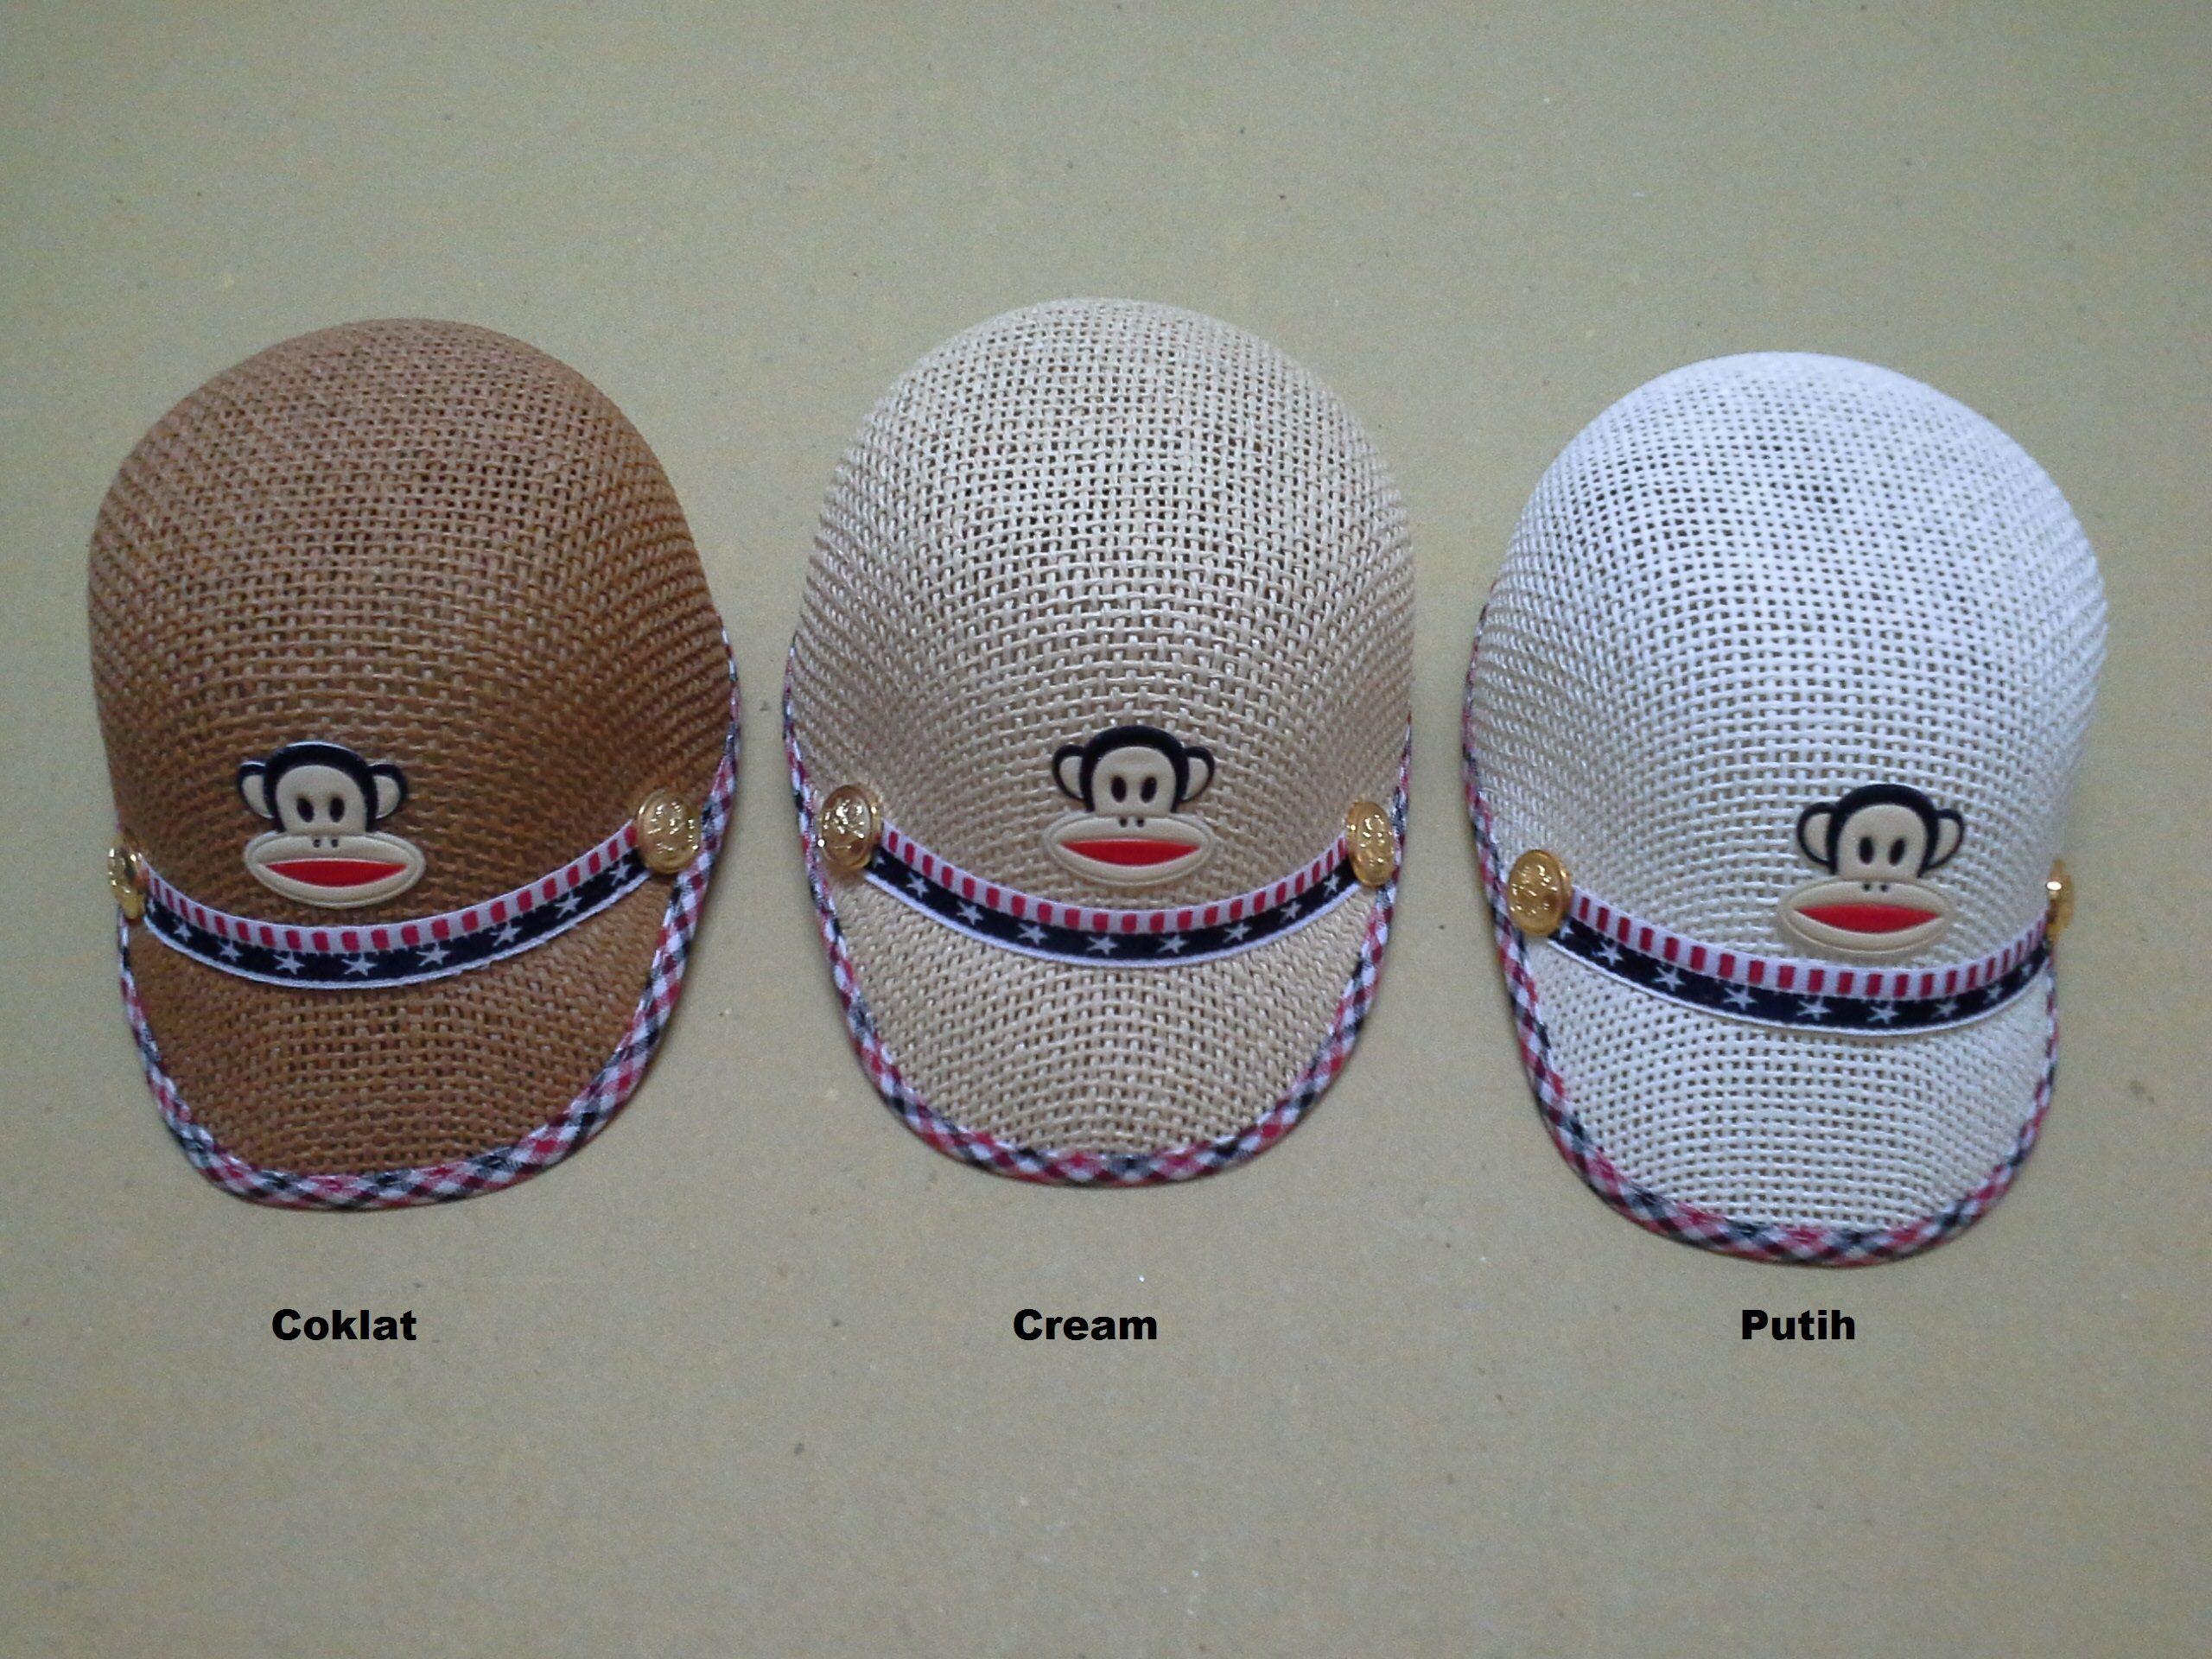 #Cute Monkey Hat Harga : Rp 60.000. Lingkar kepala = 49cm. Ukuran : All Size (usia diatas 1 th - 4 thn)